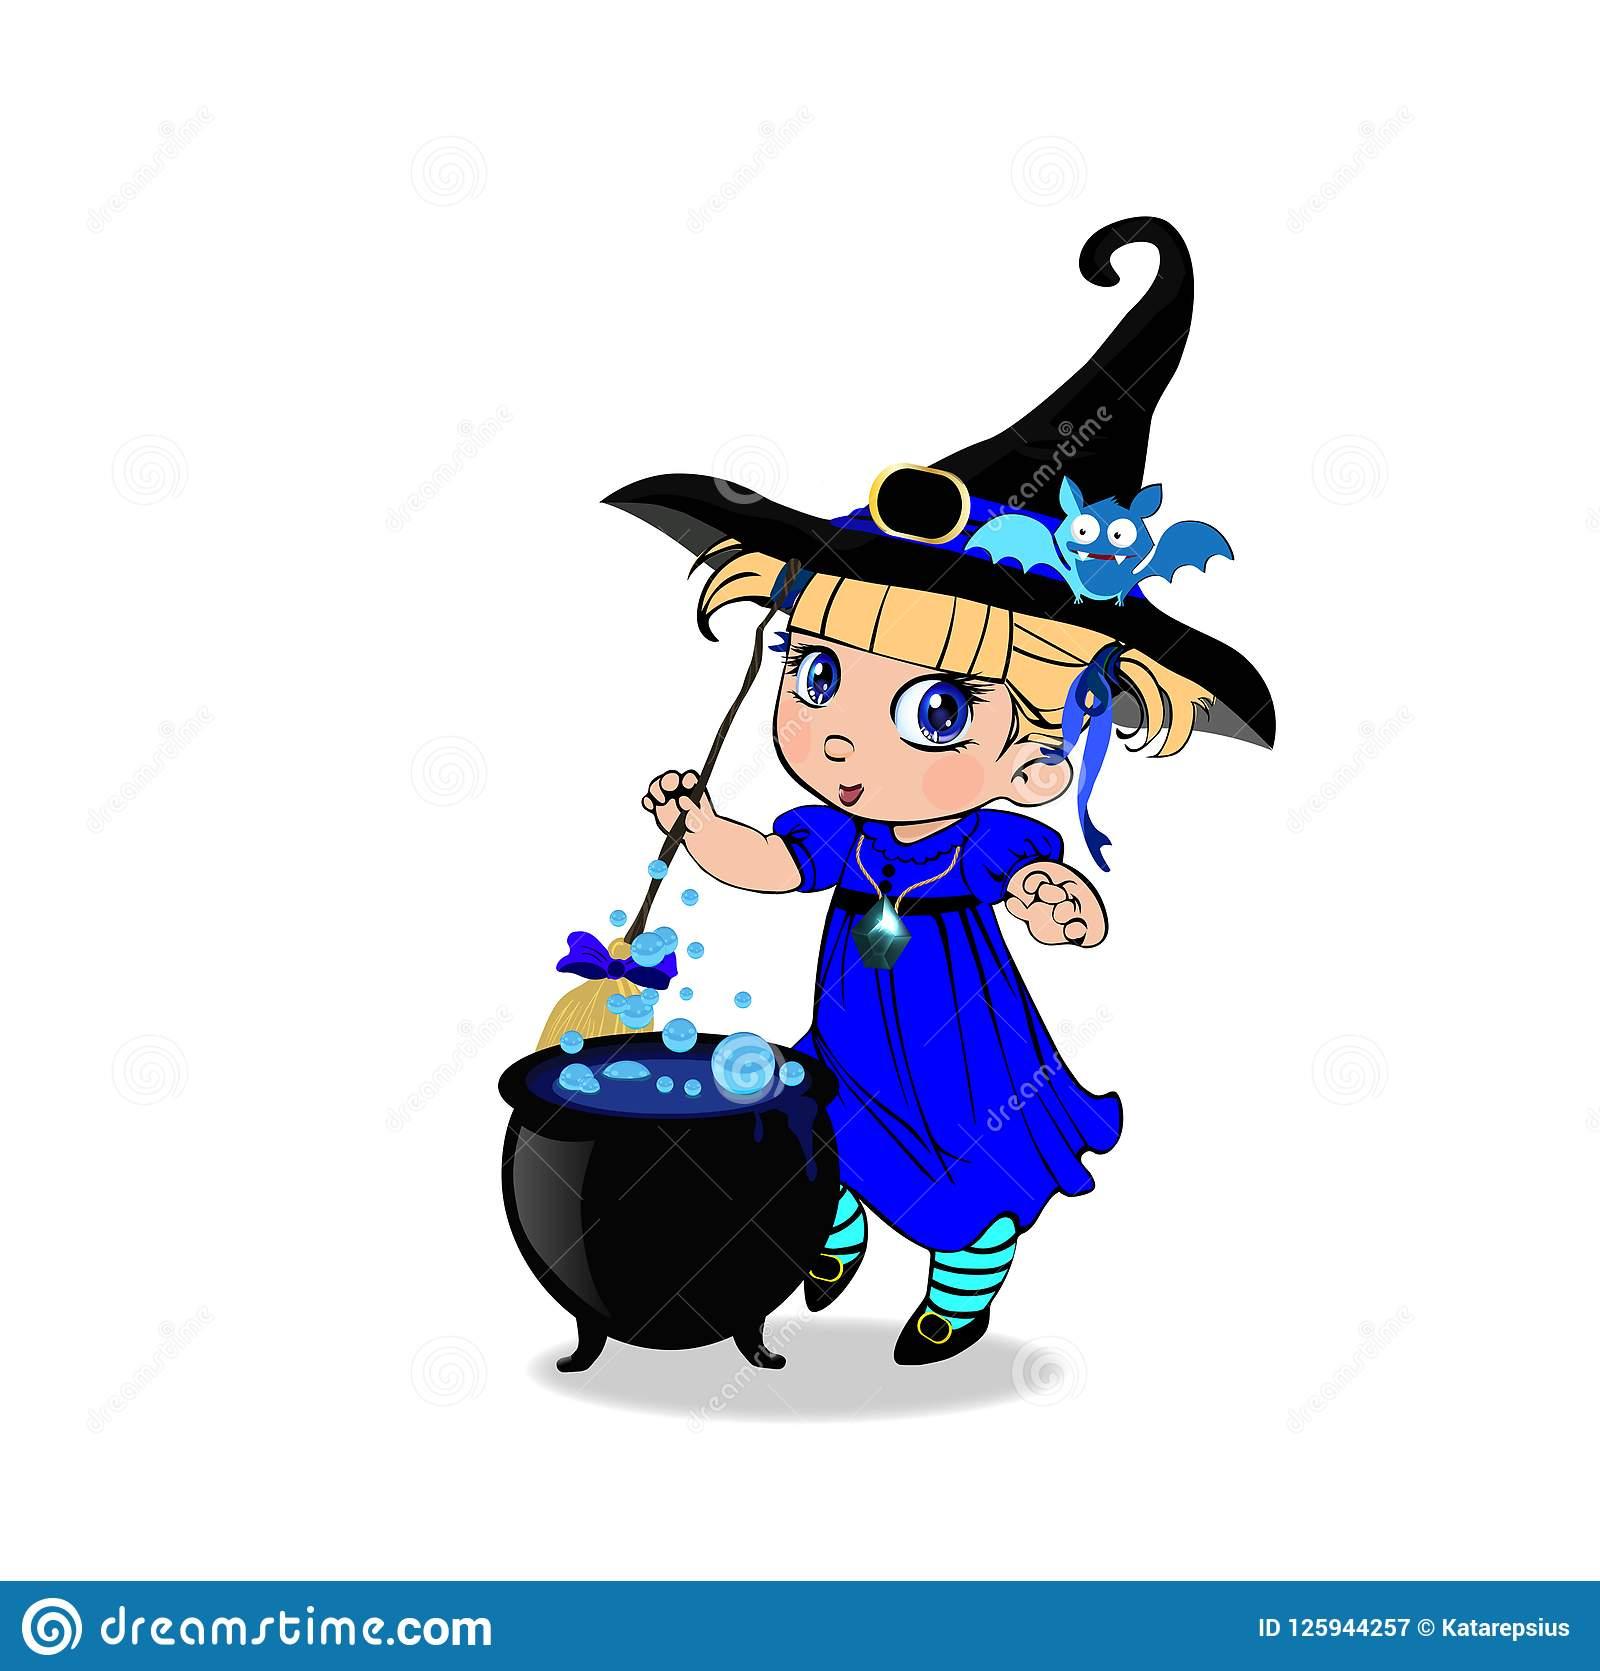 Caractère De Clipart (Images Graphiques) De Halloween De tout Image De Sorcière Gratuite